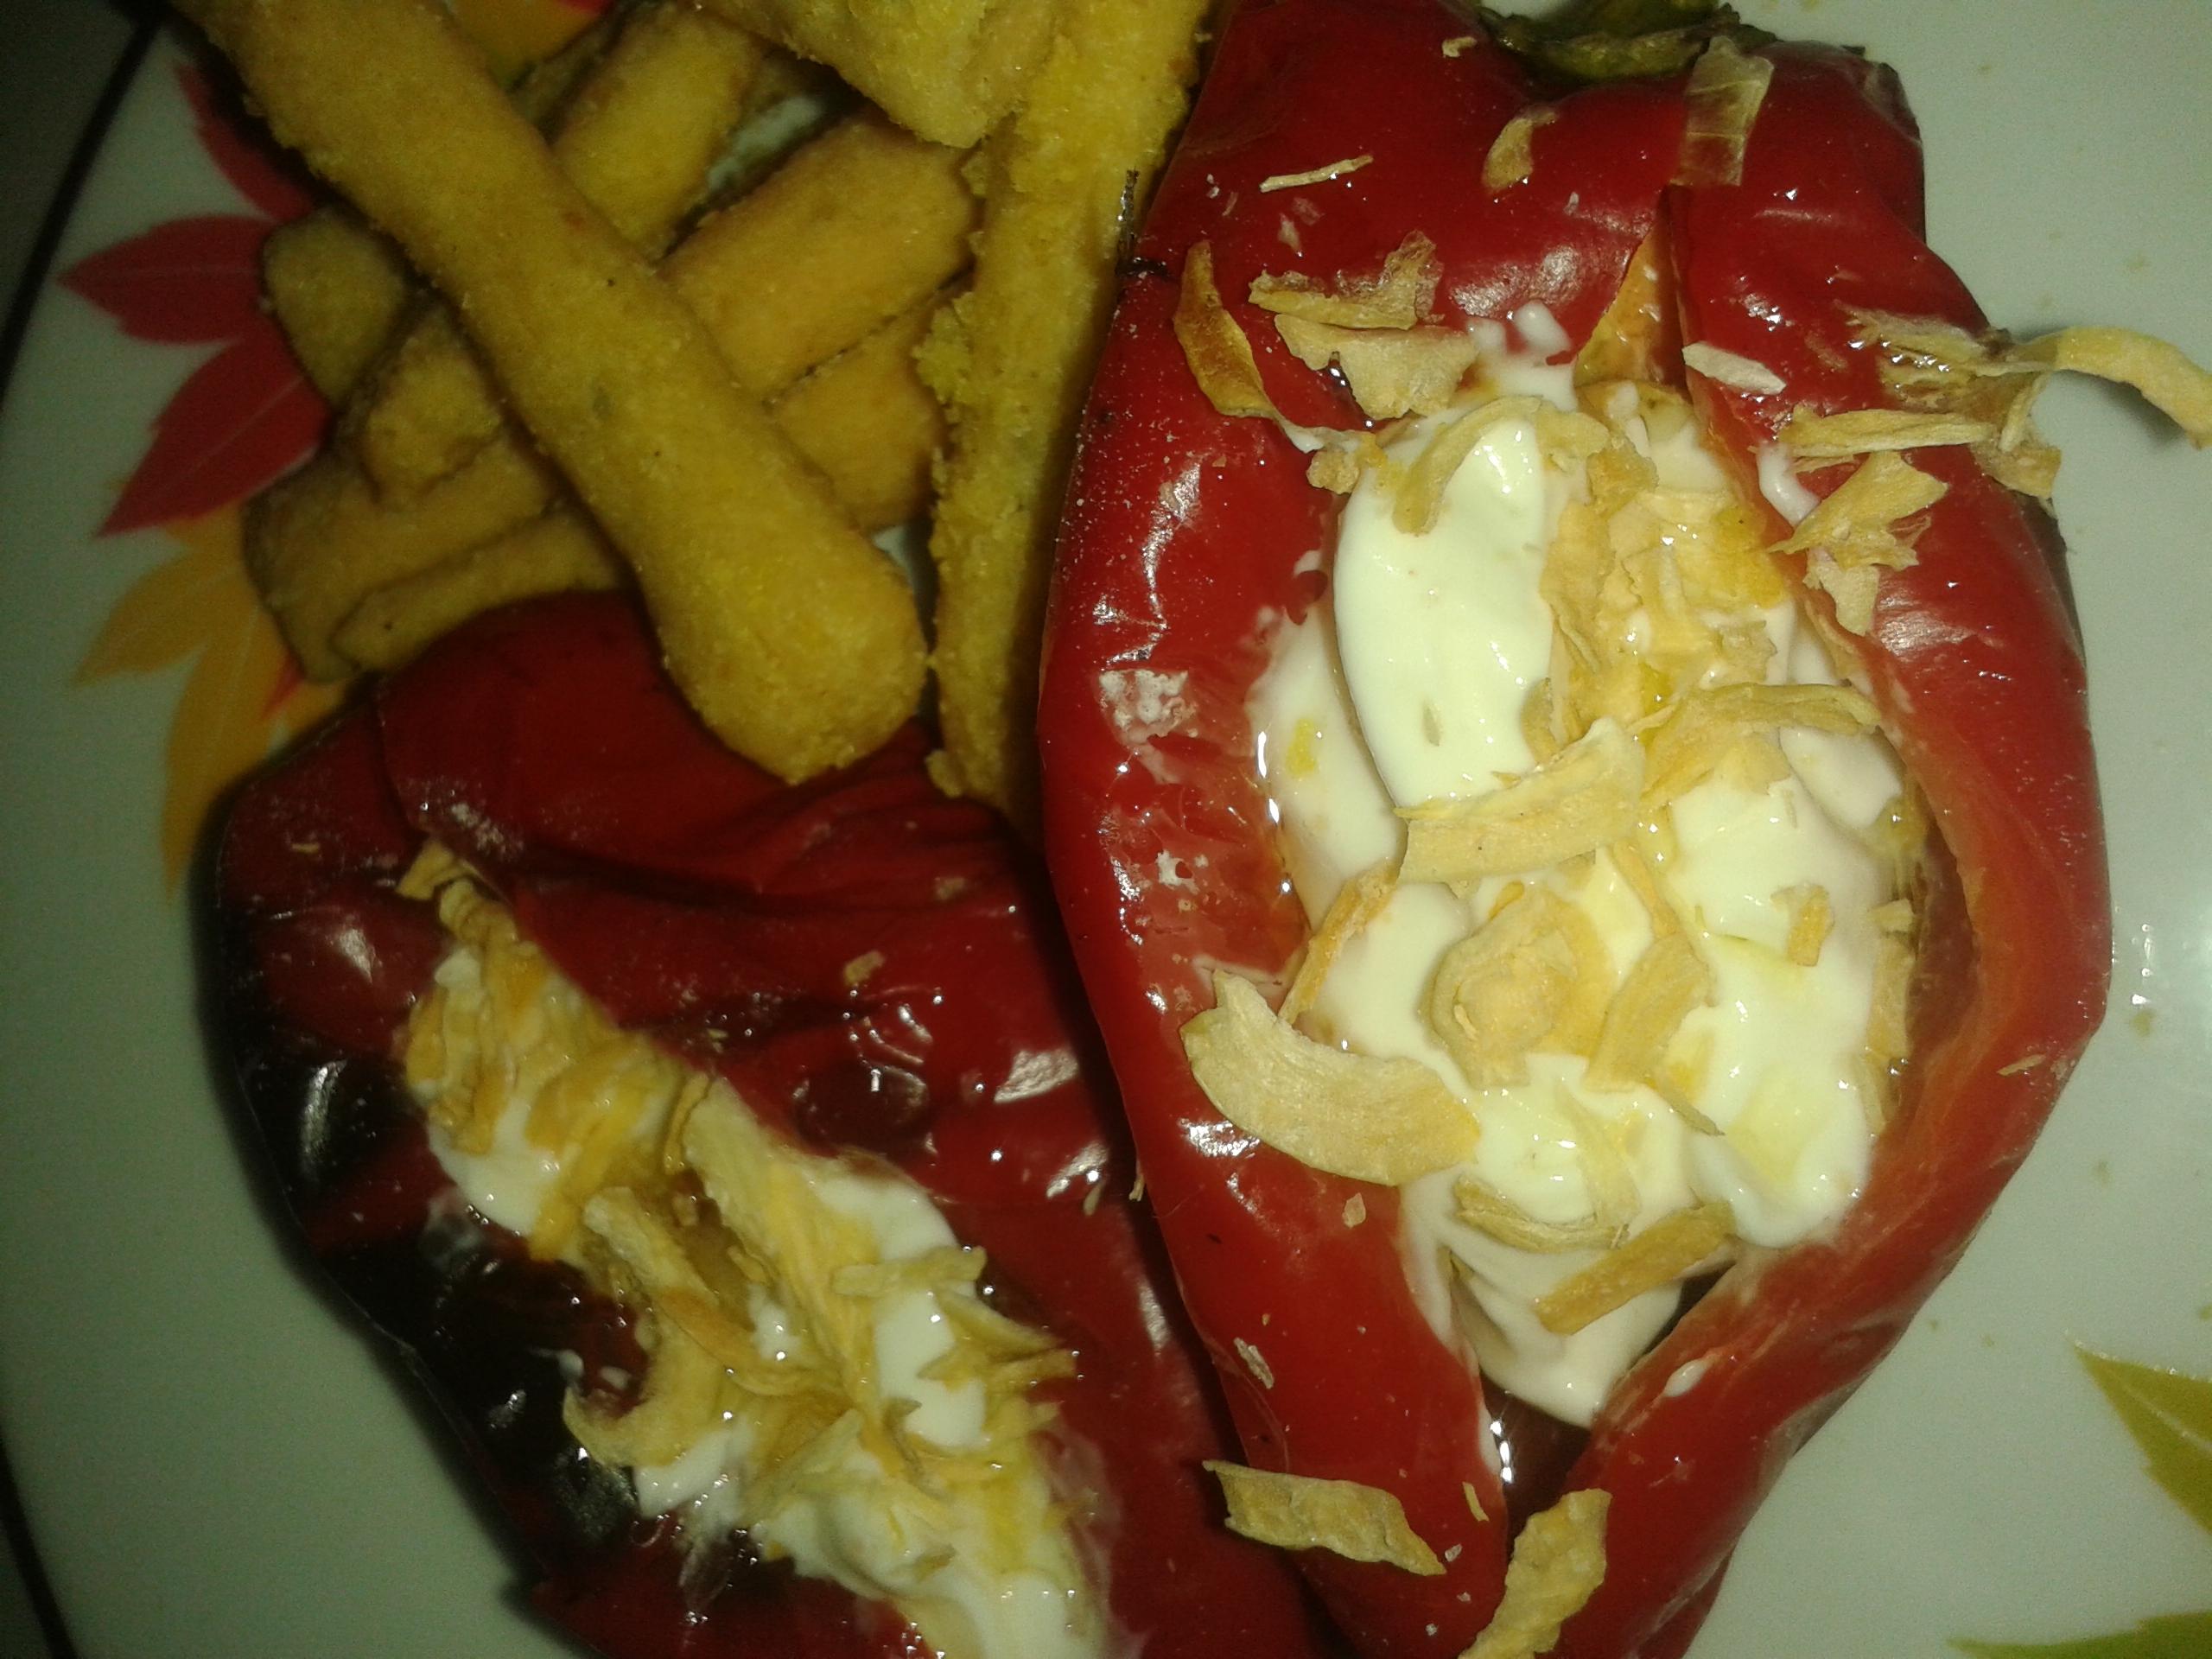 Κόκκινες πιπεριές Φλωρίνης με κρέμα τυριού, της Τζίνας Καραθανάση